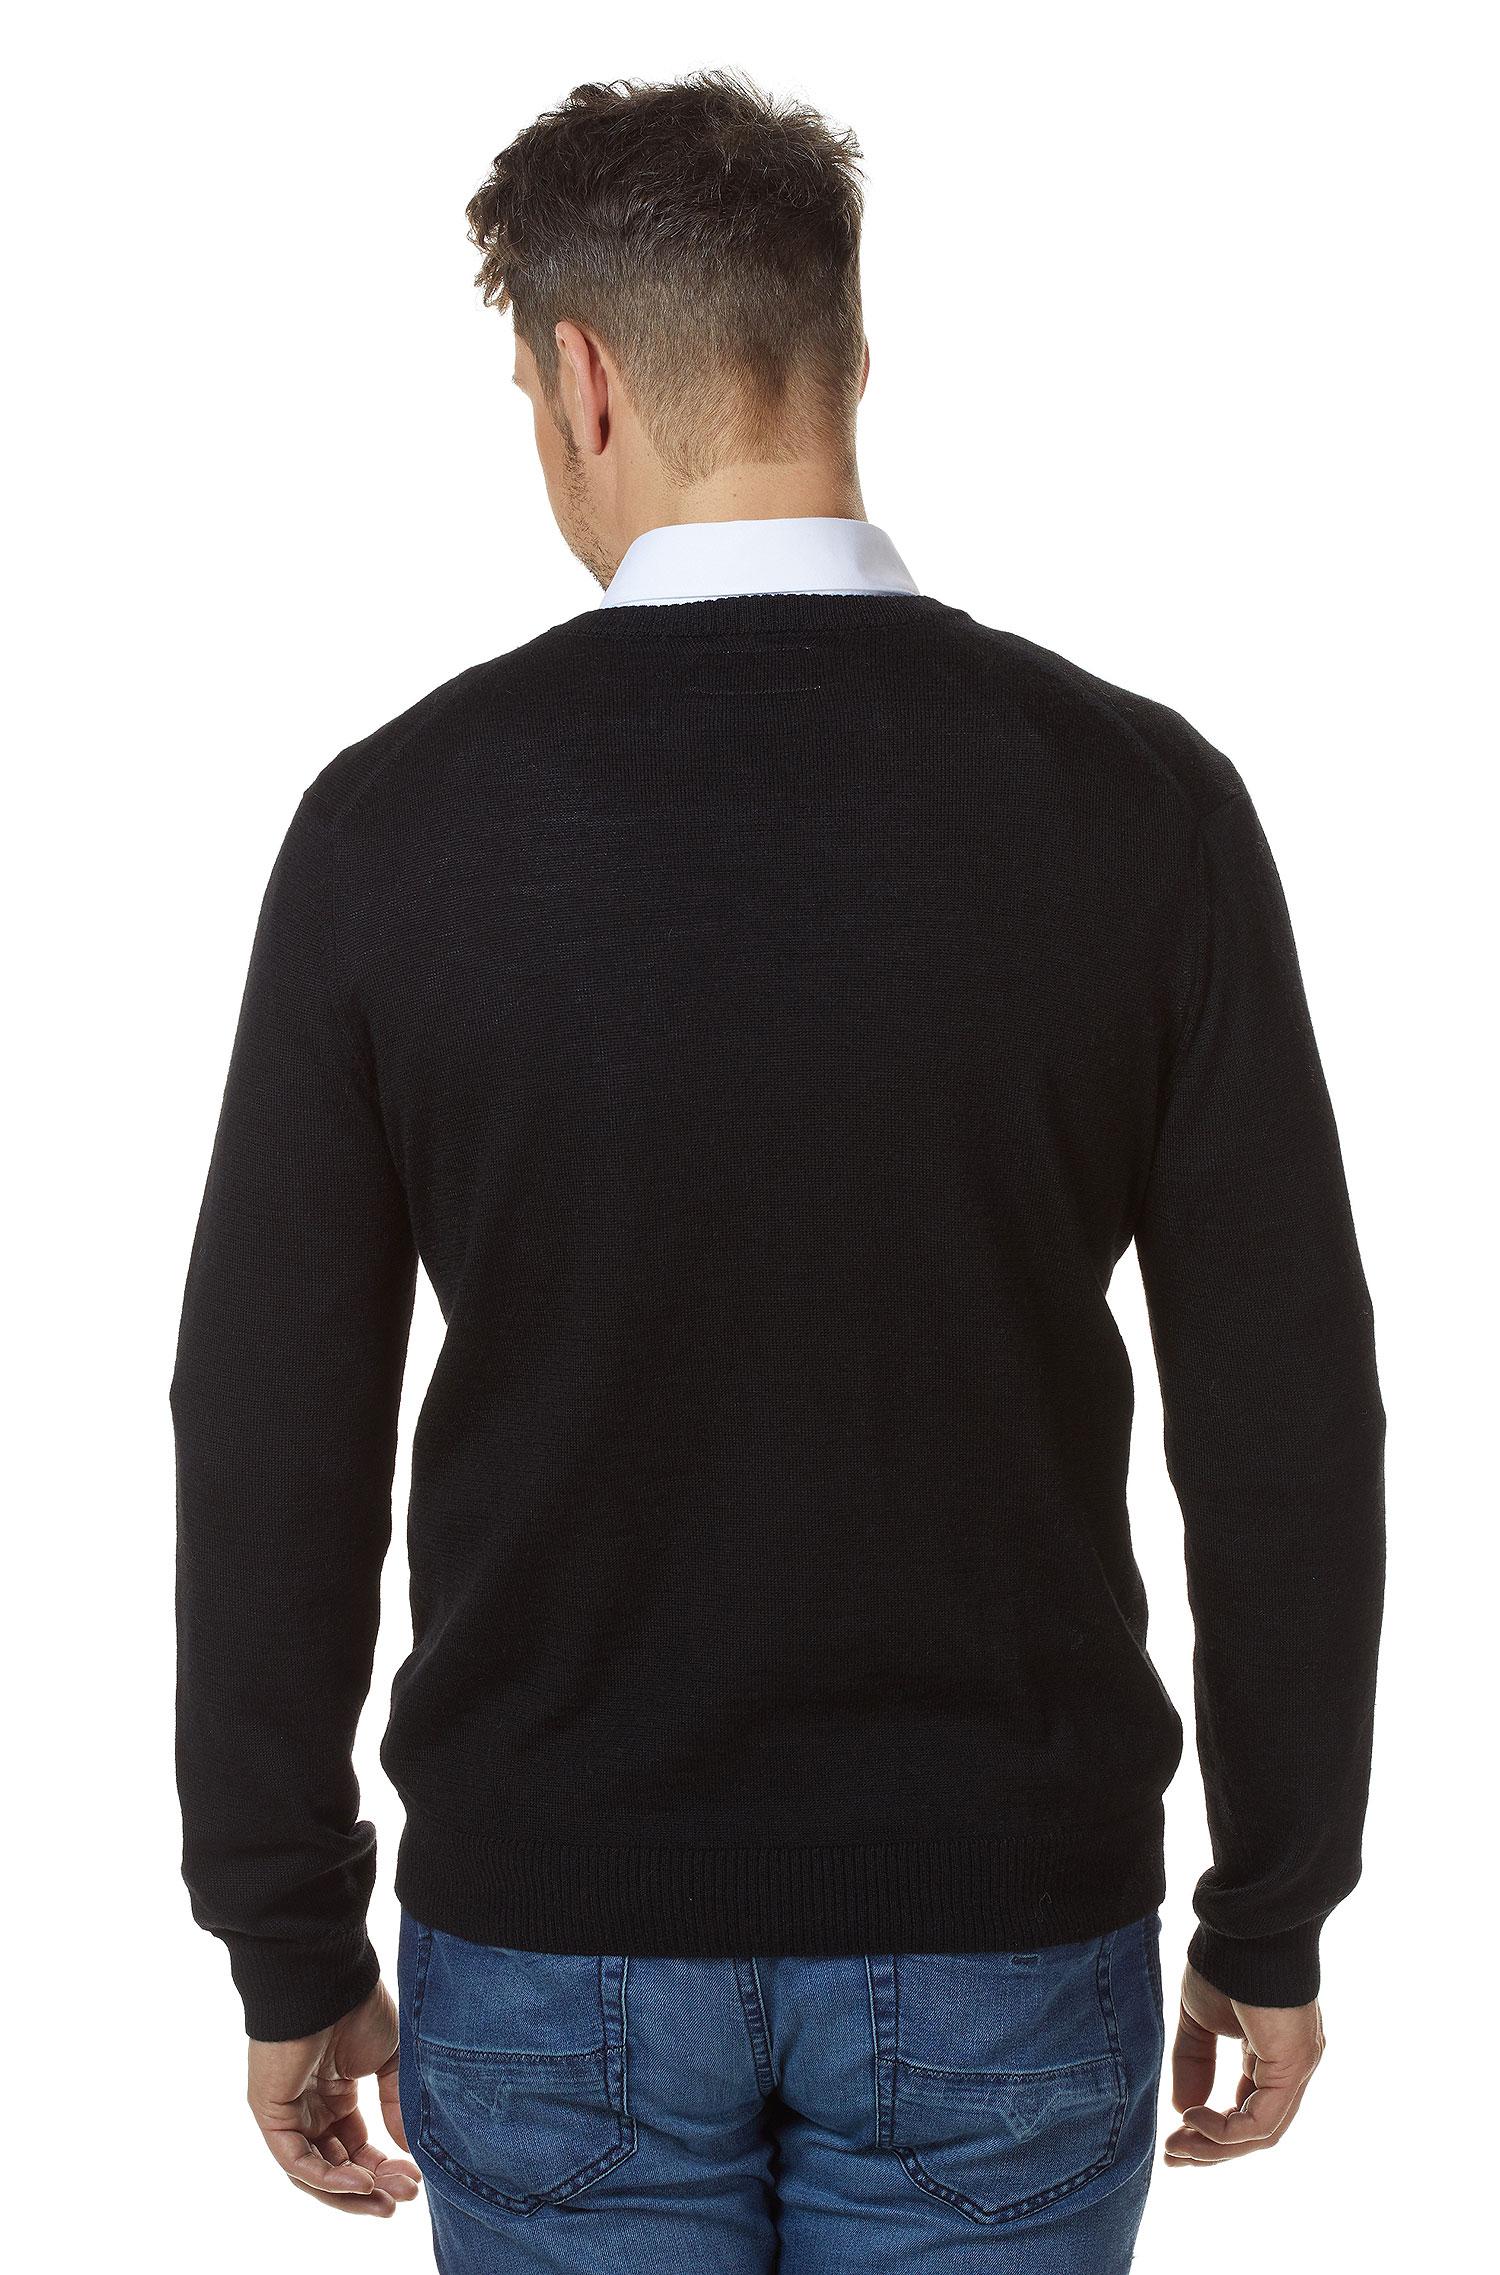 Zwarte Heren Trui.Heren Trui Zwart Alpaca Wol Alpaca Fashion